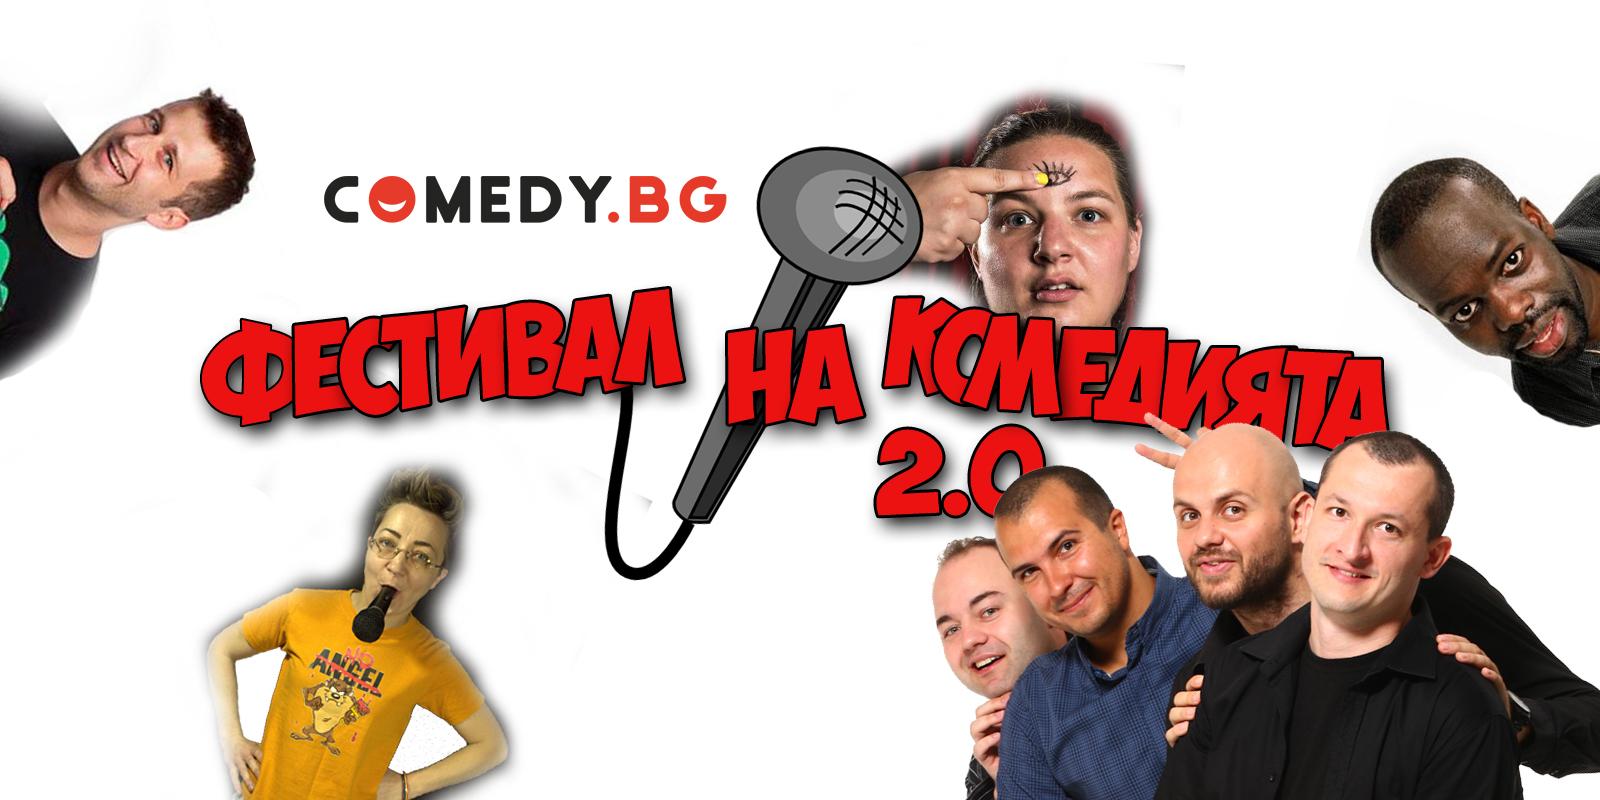 втори фестивал на комедията софия